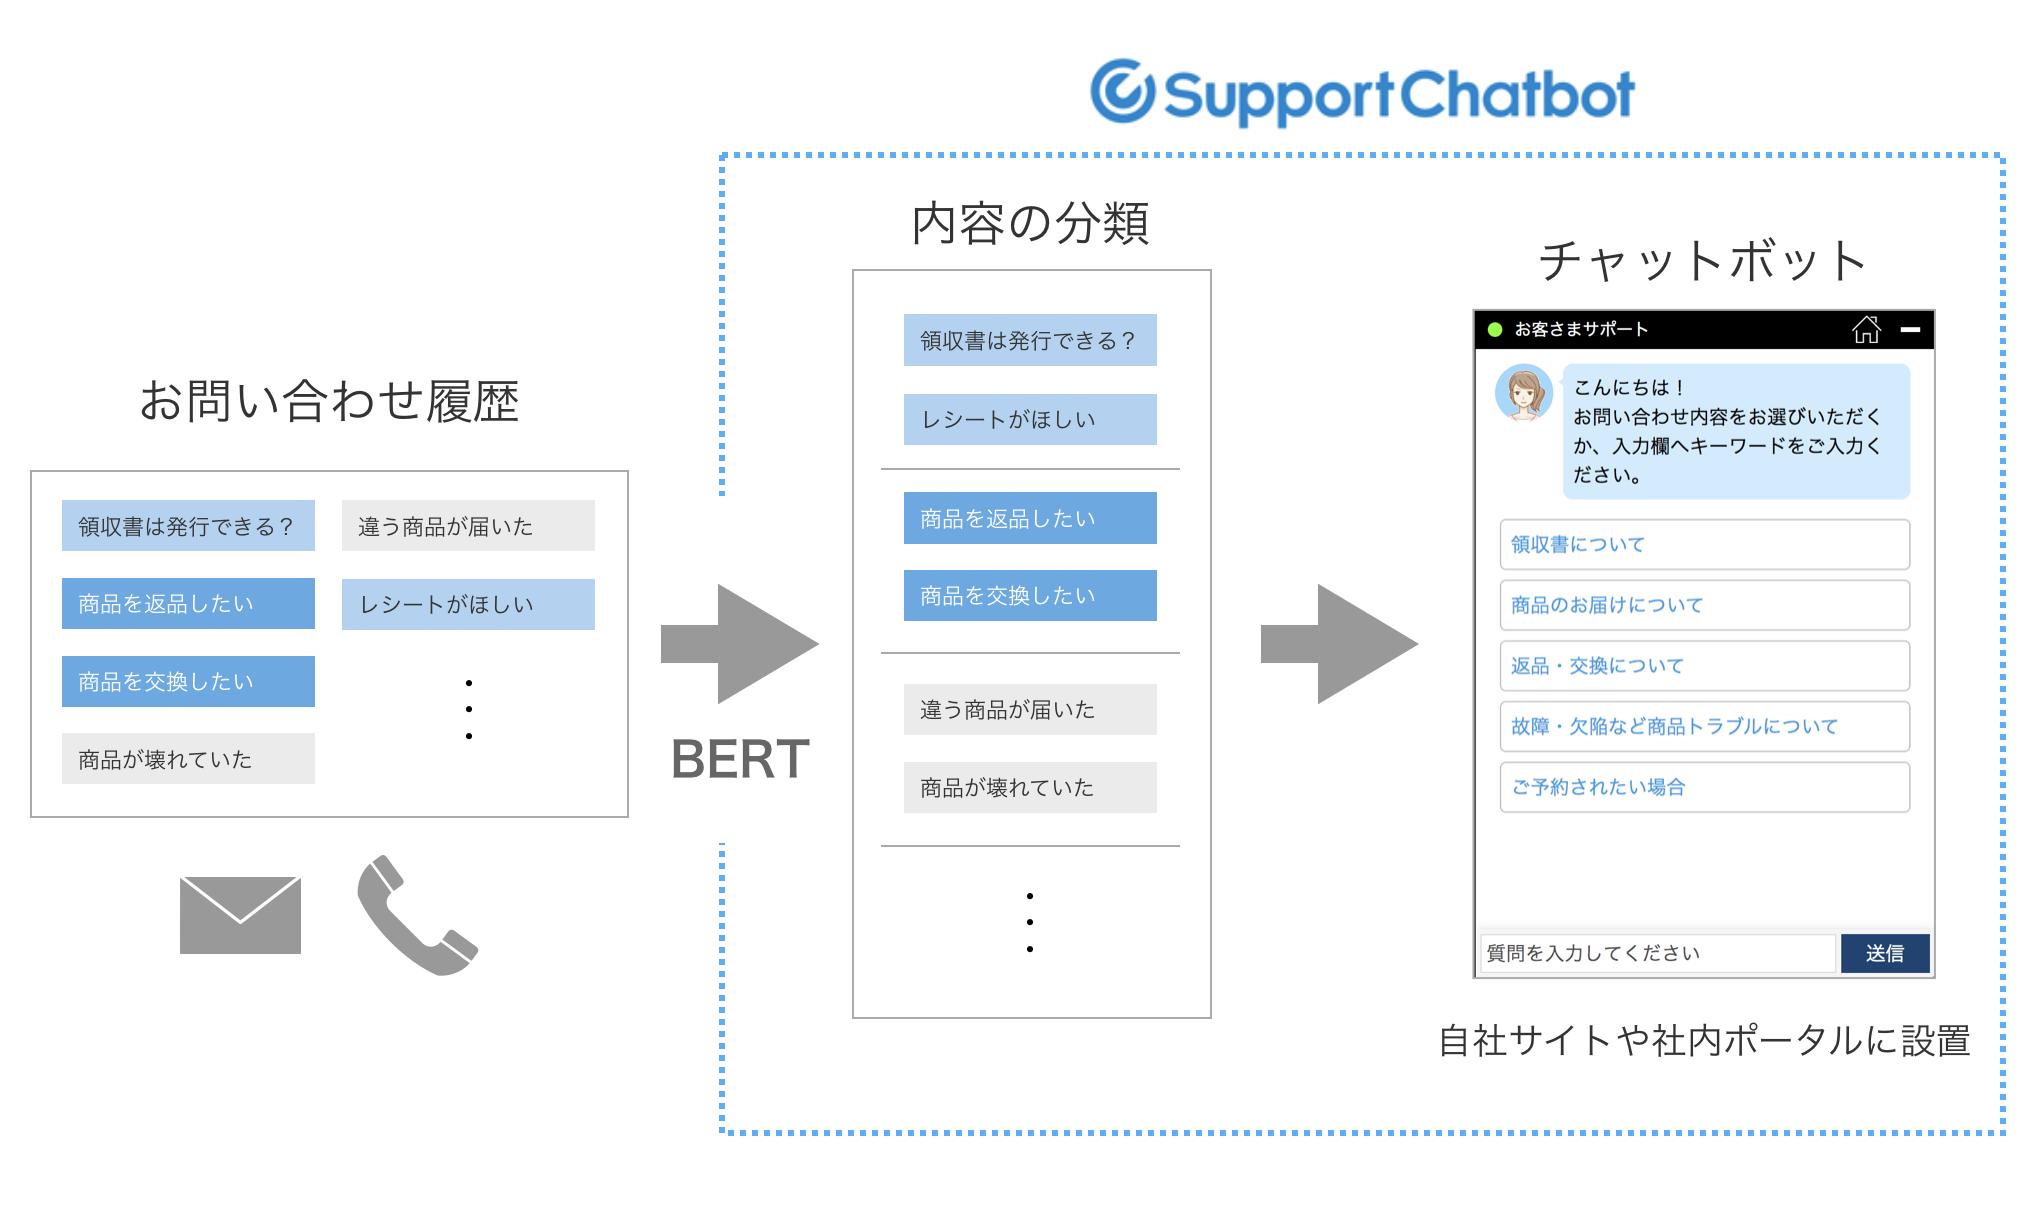 サポートチャットボットが最新の言語AI「BERT」を導入~質問を自動分類 ...